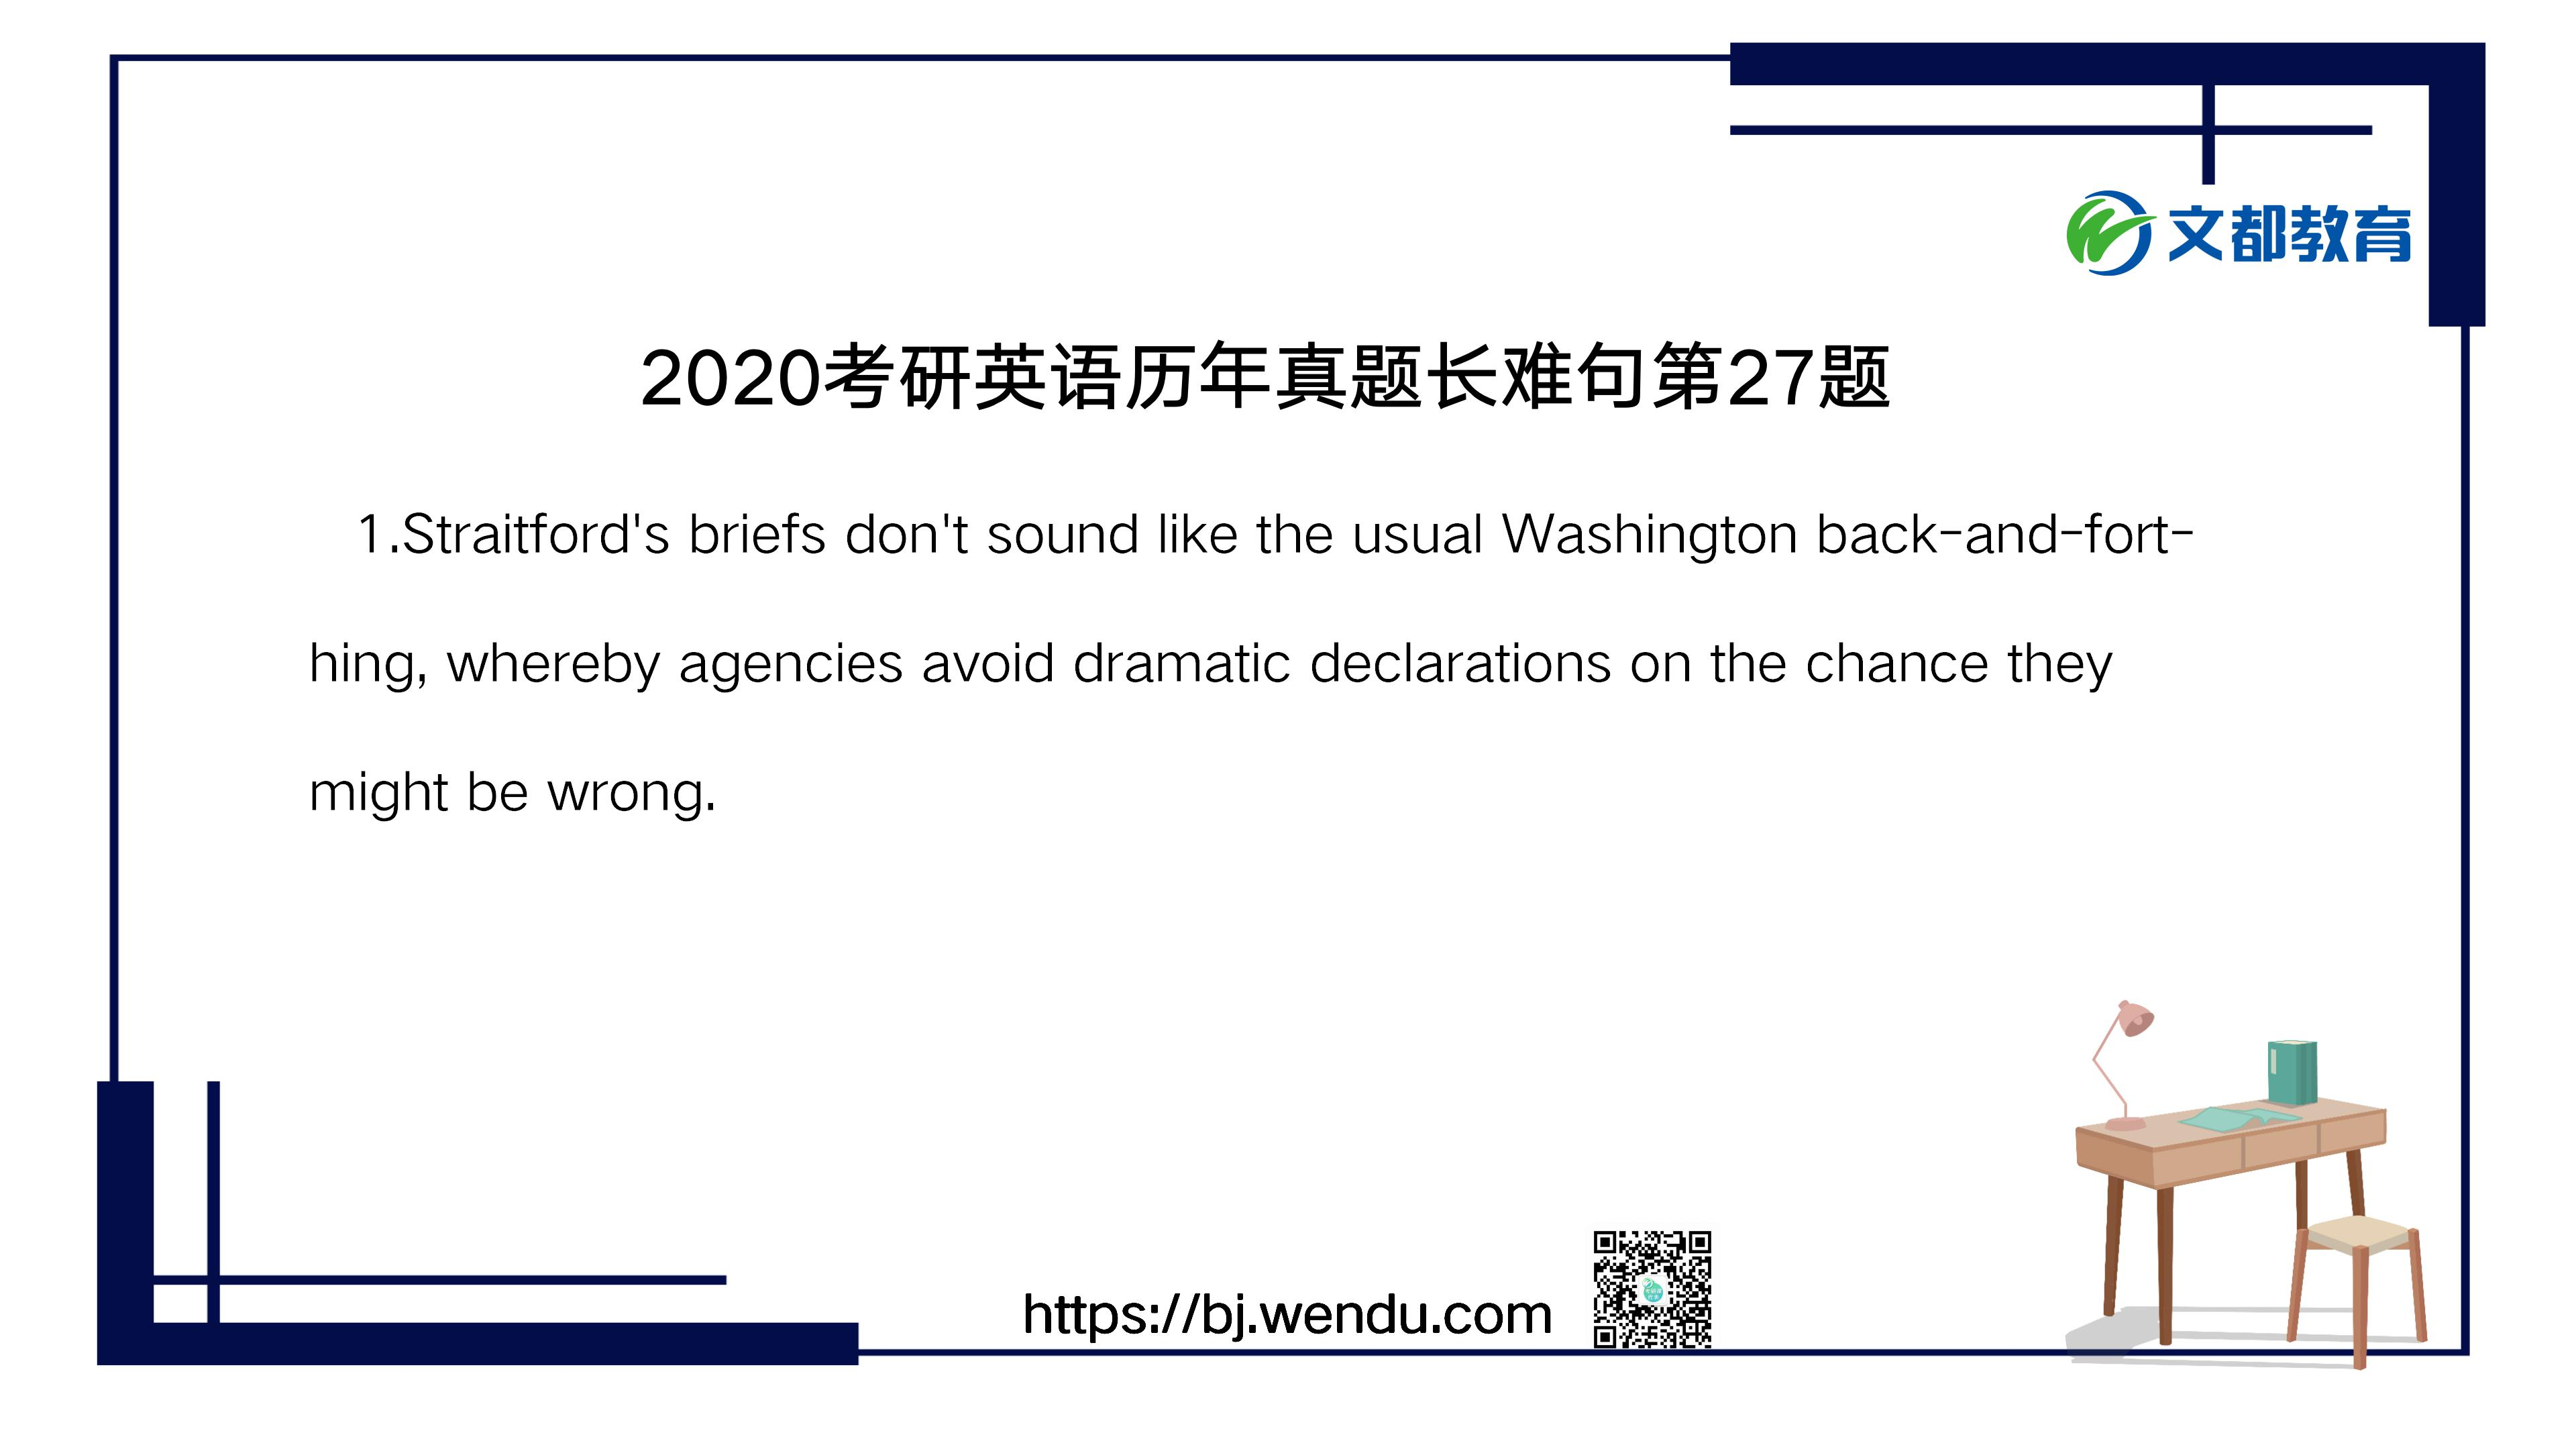 2020考研英语历年真题长难句第27题